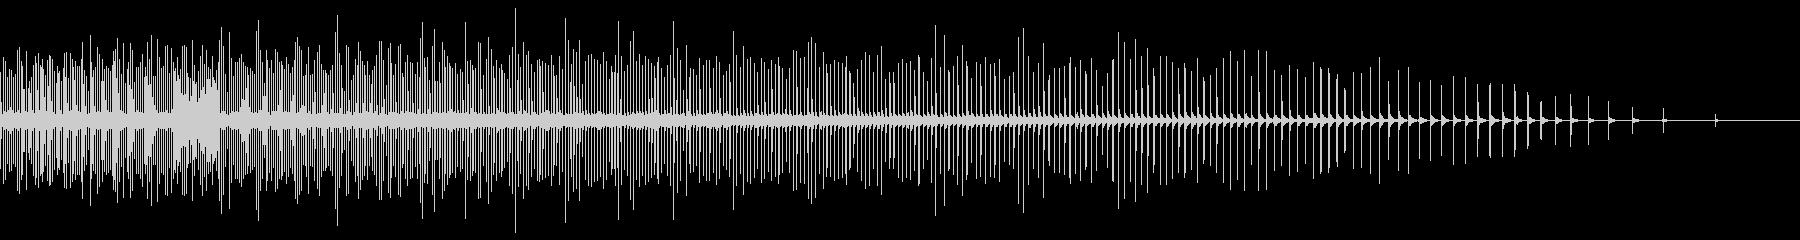 [生録音]自転車のラチェット音01-早めの未再生の波形